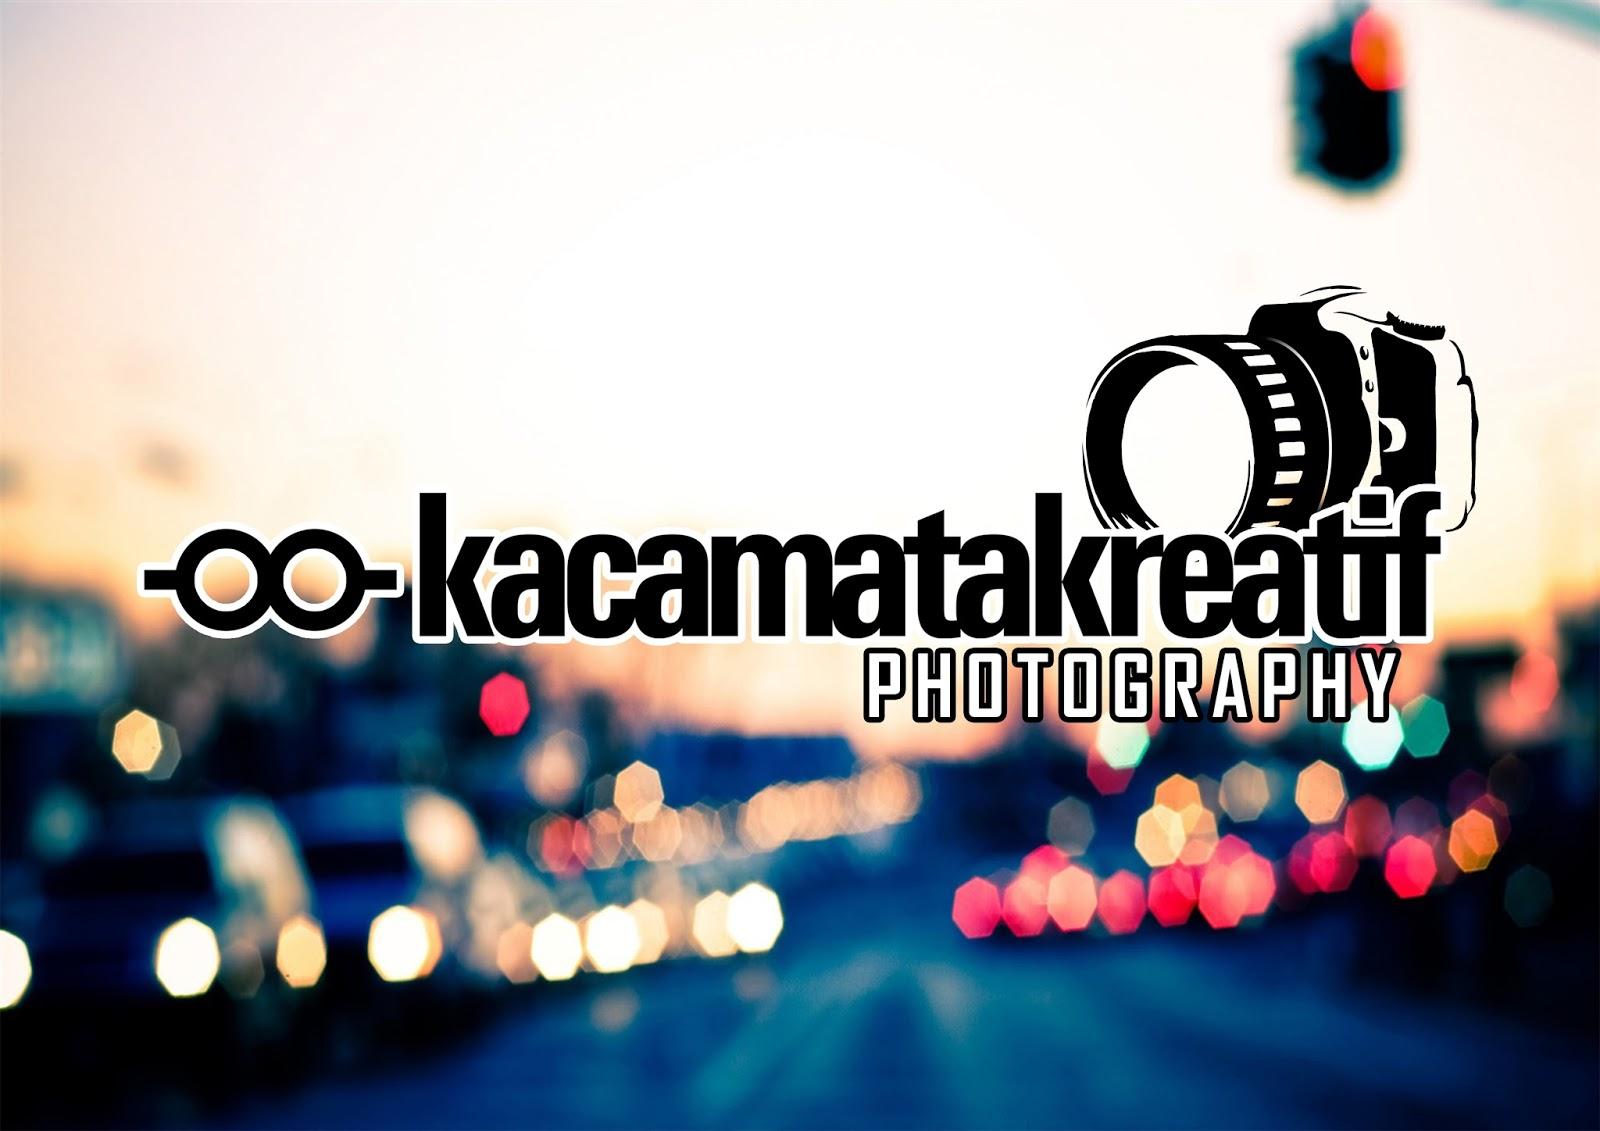 30+ Foto Kata Kata Fotografi Dalam Bahasa Inggris Terkini ...